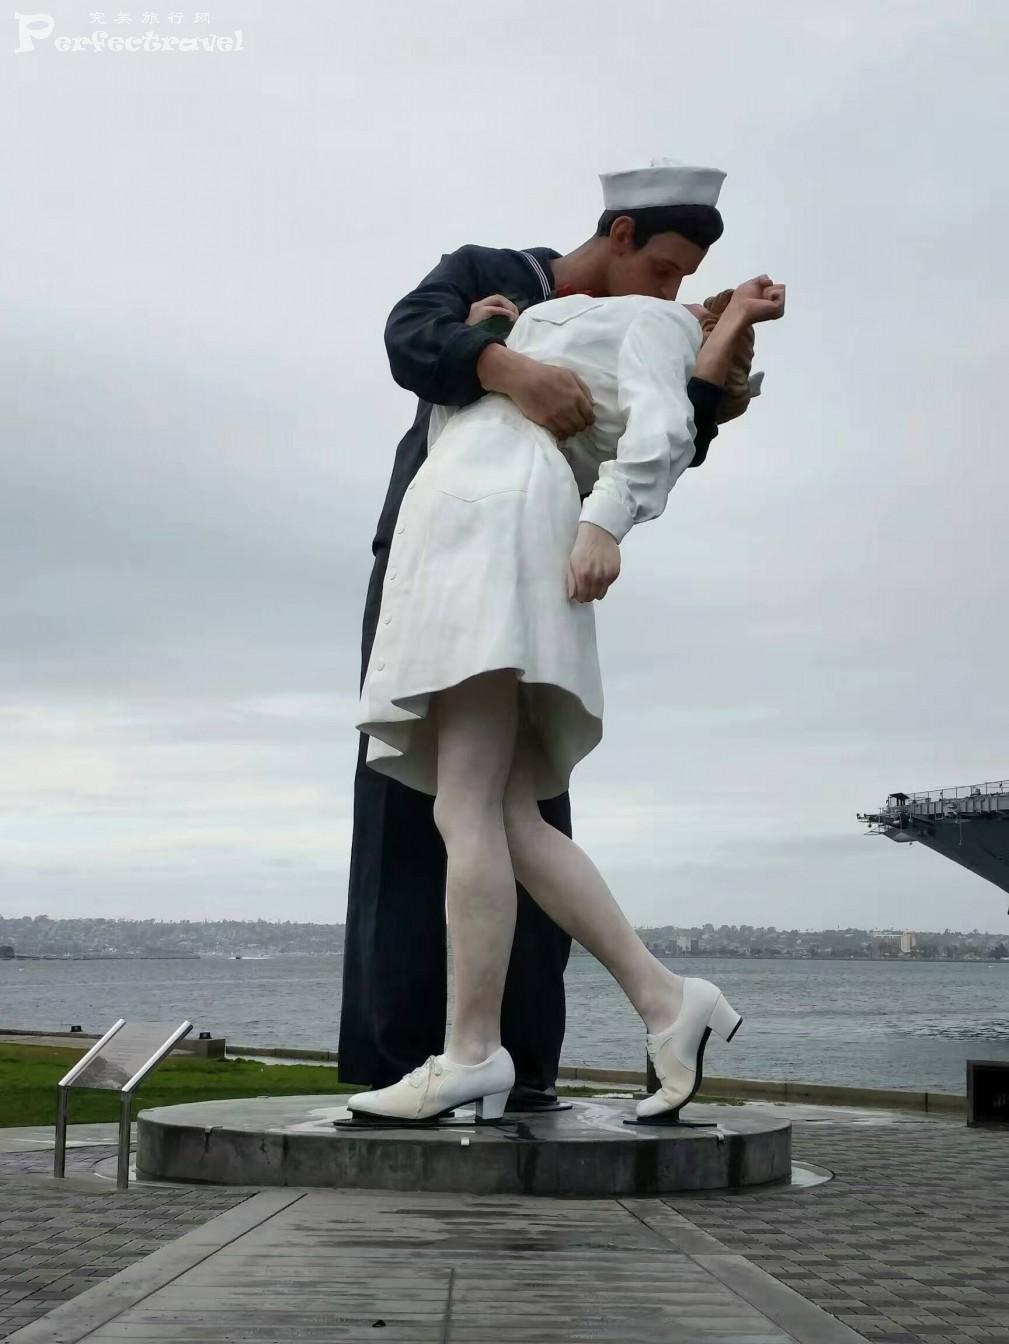 圣迭戈不只有航空母舰|花样姐姐游美国(第十一天) - 完美旅行Perfectravel - 完美旅行Perfectravel的博客